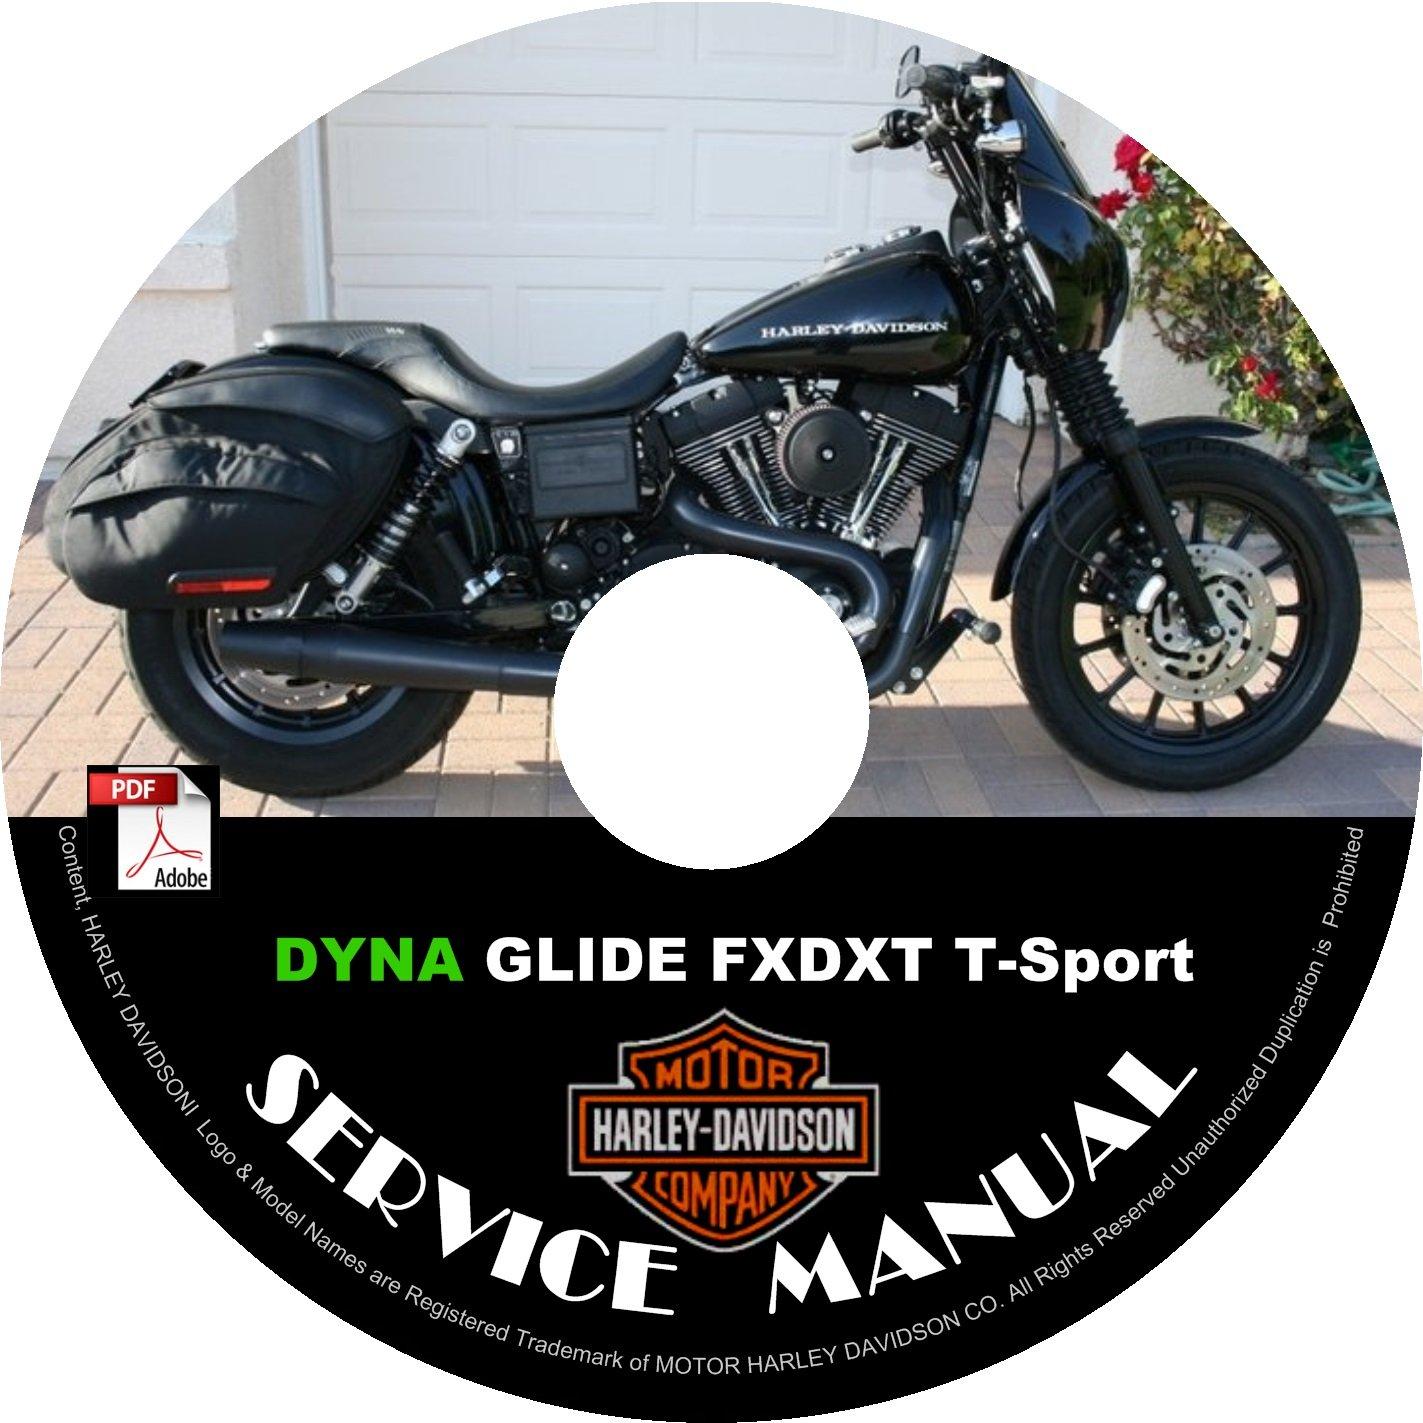 2004 Harley Davidson DYNA GLIDE FXDXT T-Sport Service Repair Shop Manual on CD Fix Rebuild Workshop